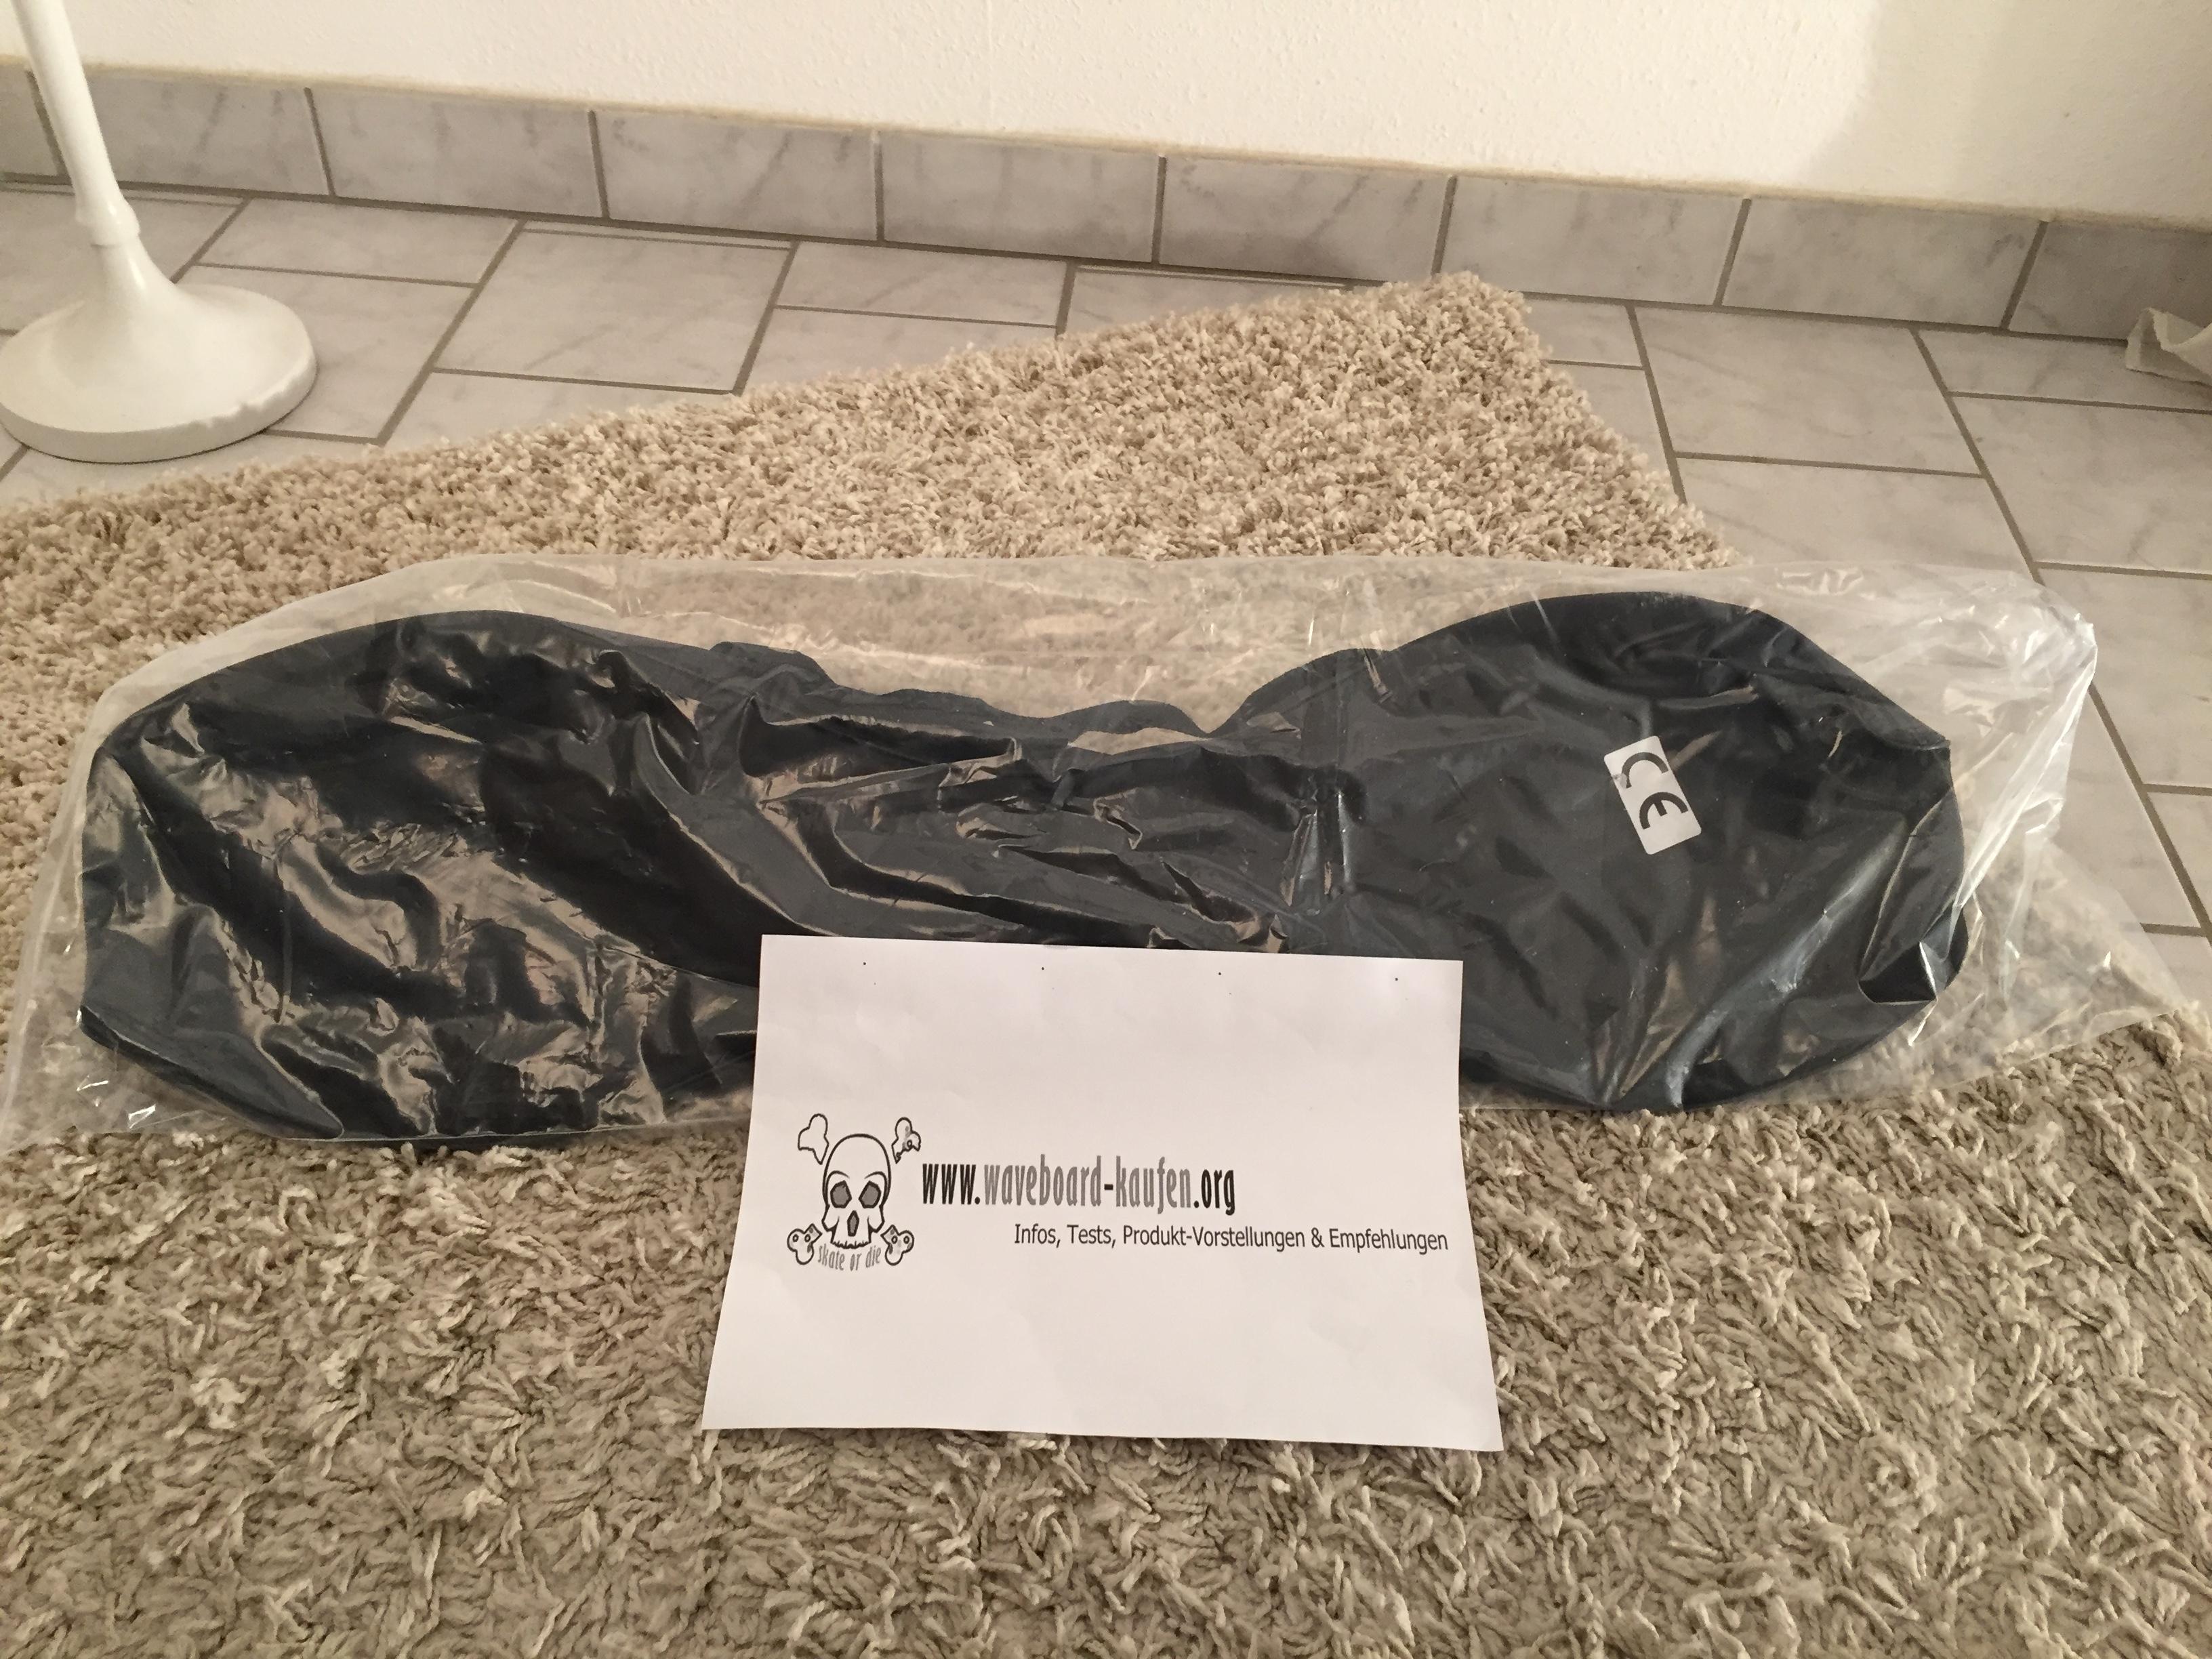 Das MAXOfit XL pro close eingepackt in der mitgelieferten Tragetasche und darum noch mal ein Zip-Beutel